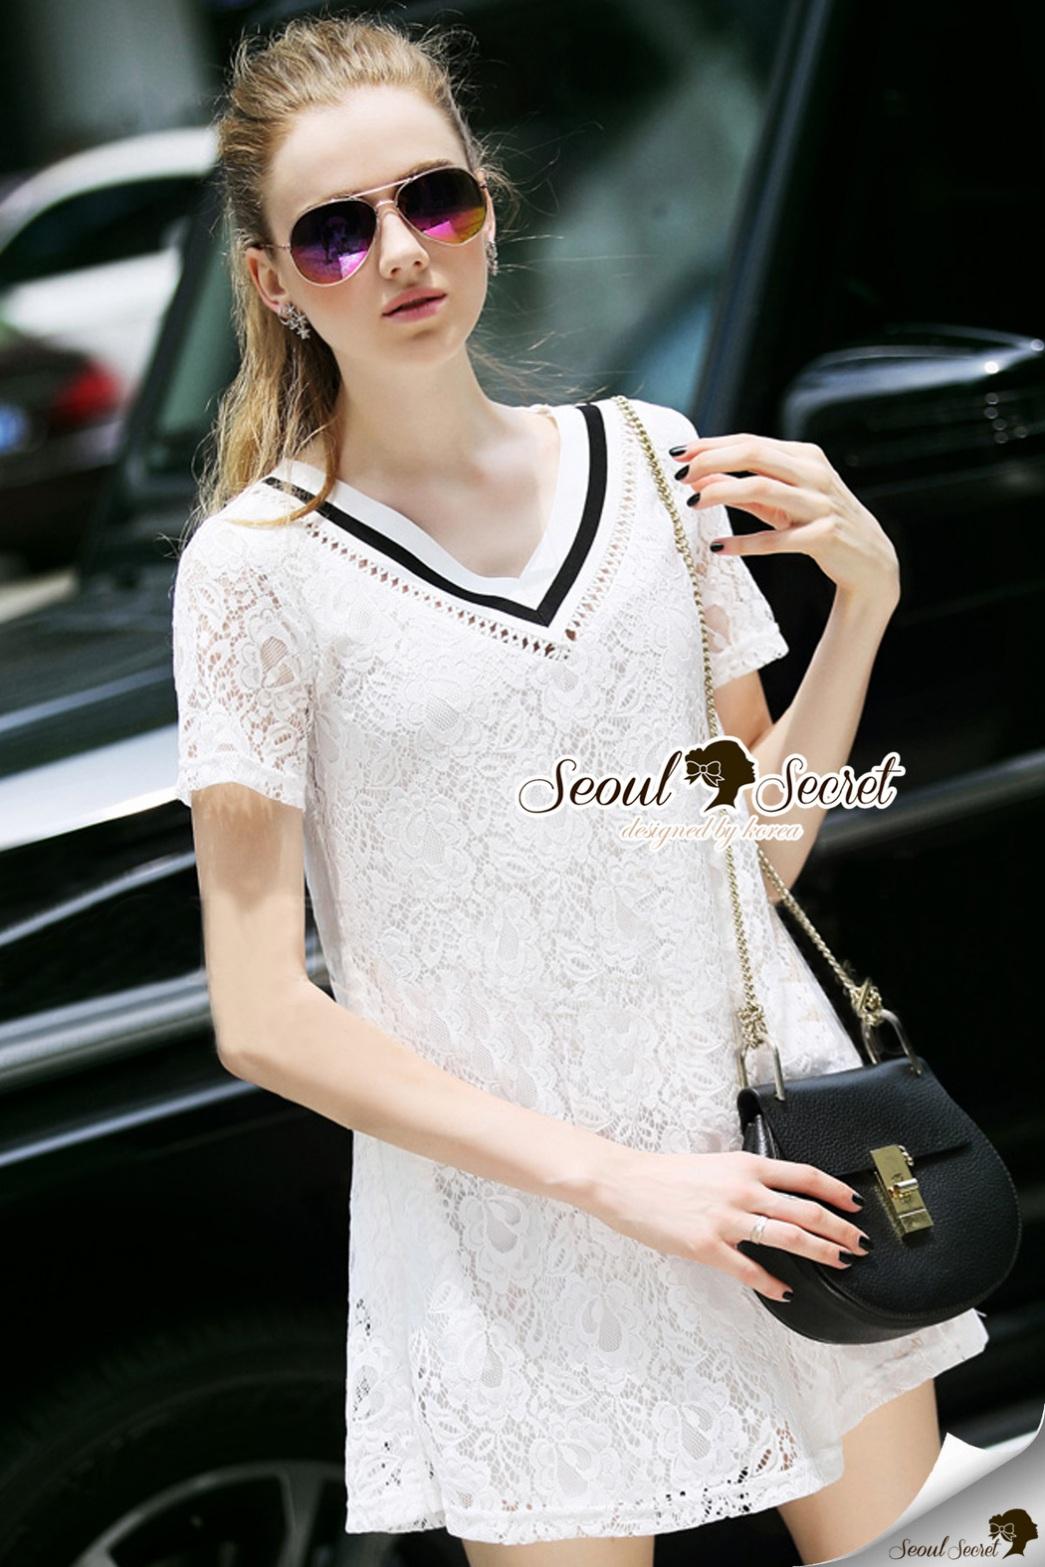 Seoul Secret Say's...Stripy V Collar Lace Chill Dress Material : สวยเก๋สไตล์สาวหวานเก๋ ด้วยมินิเดรสคอวี หวานๆ ด้วยเนื้อผ้าลูกไม้เนื้อนุ่มเติมความเก๋ด้วยงานเย็บแต่งด้วยริบบิ้นผ้ายืดสไตล์สาวเก๋แต่ที่คอ ใส่ง่ายแมตซ์ง่าย จะเป็นเดรสหรือใส่คู่กับกางเกงยีนส